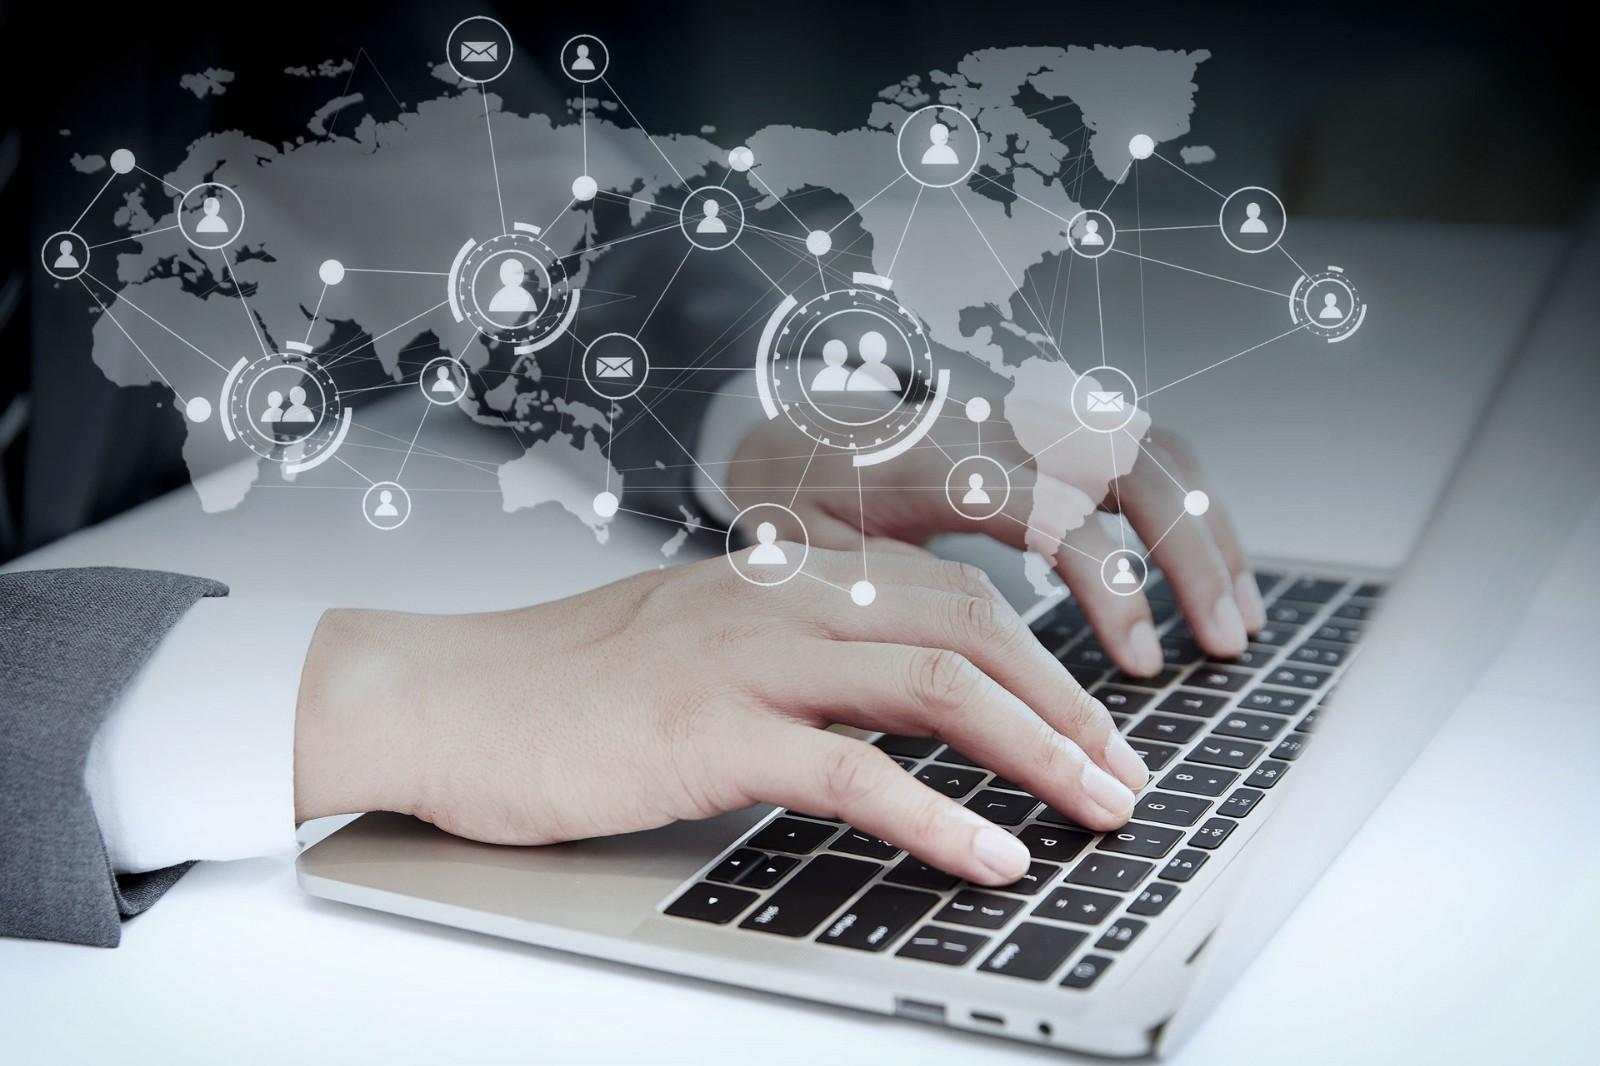 【犀牛云分享】如何选择适合的网站建设公司?